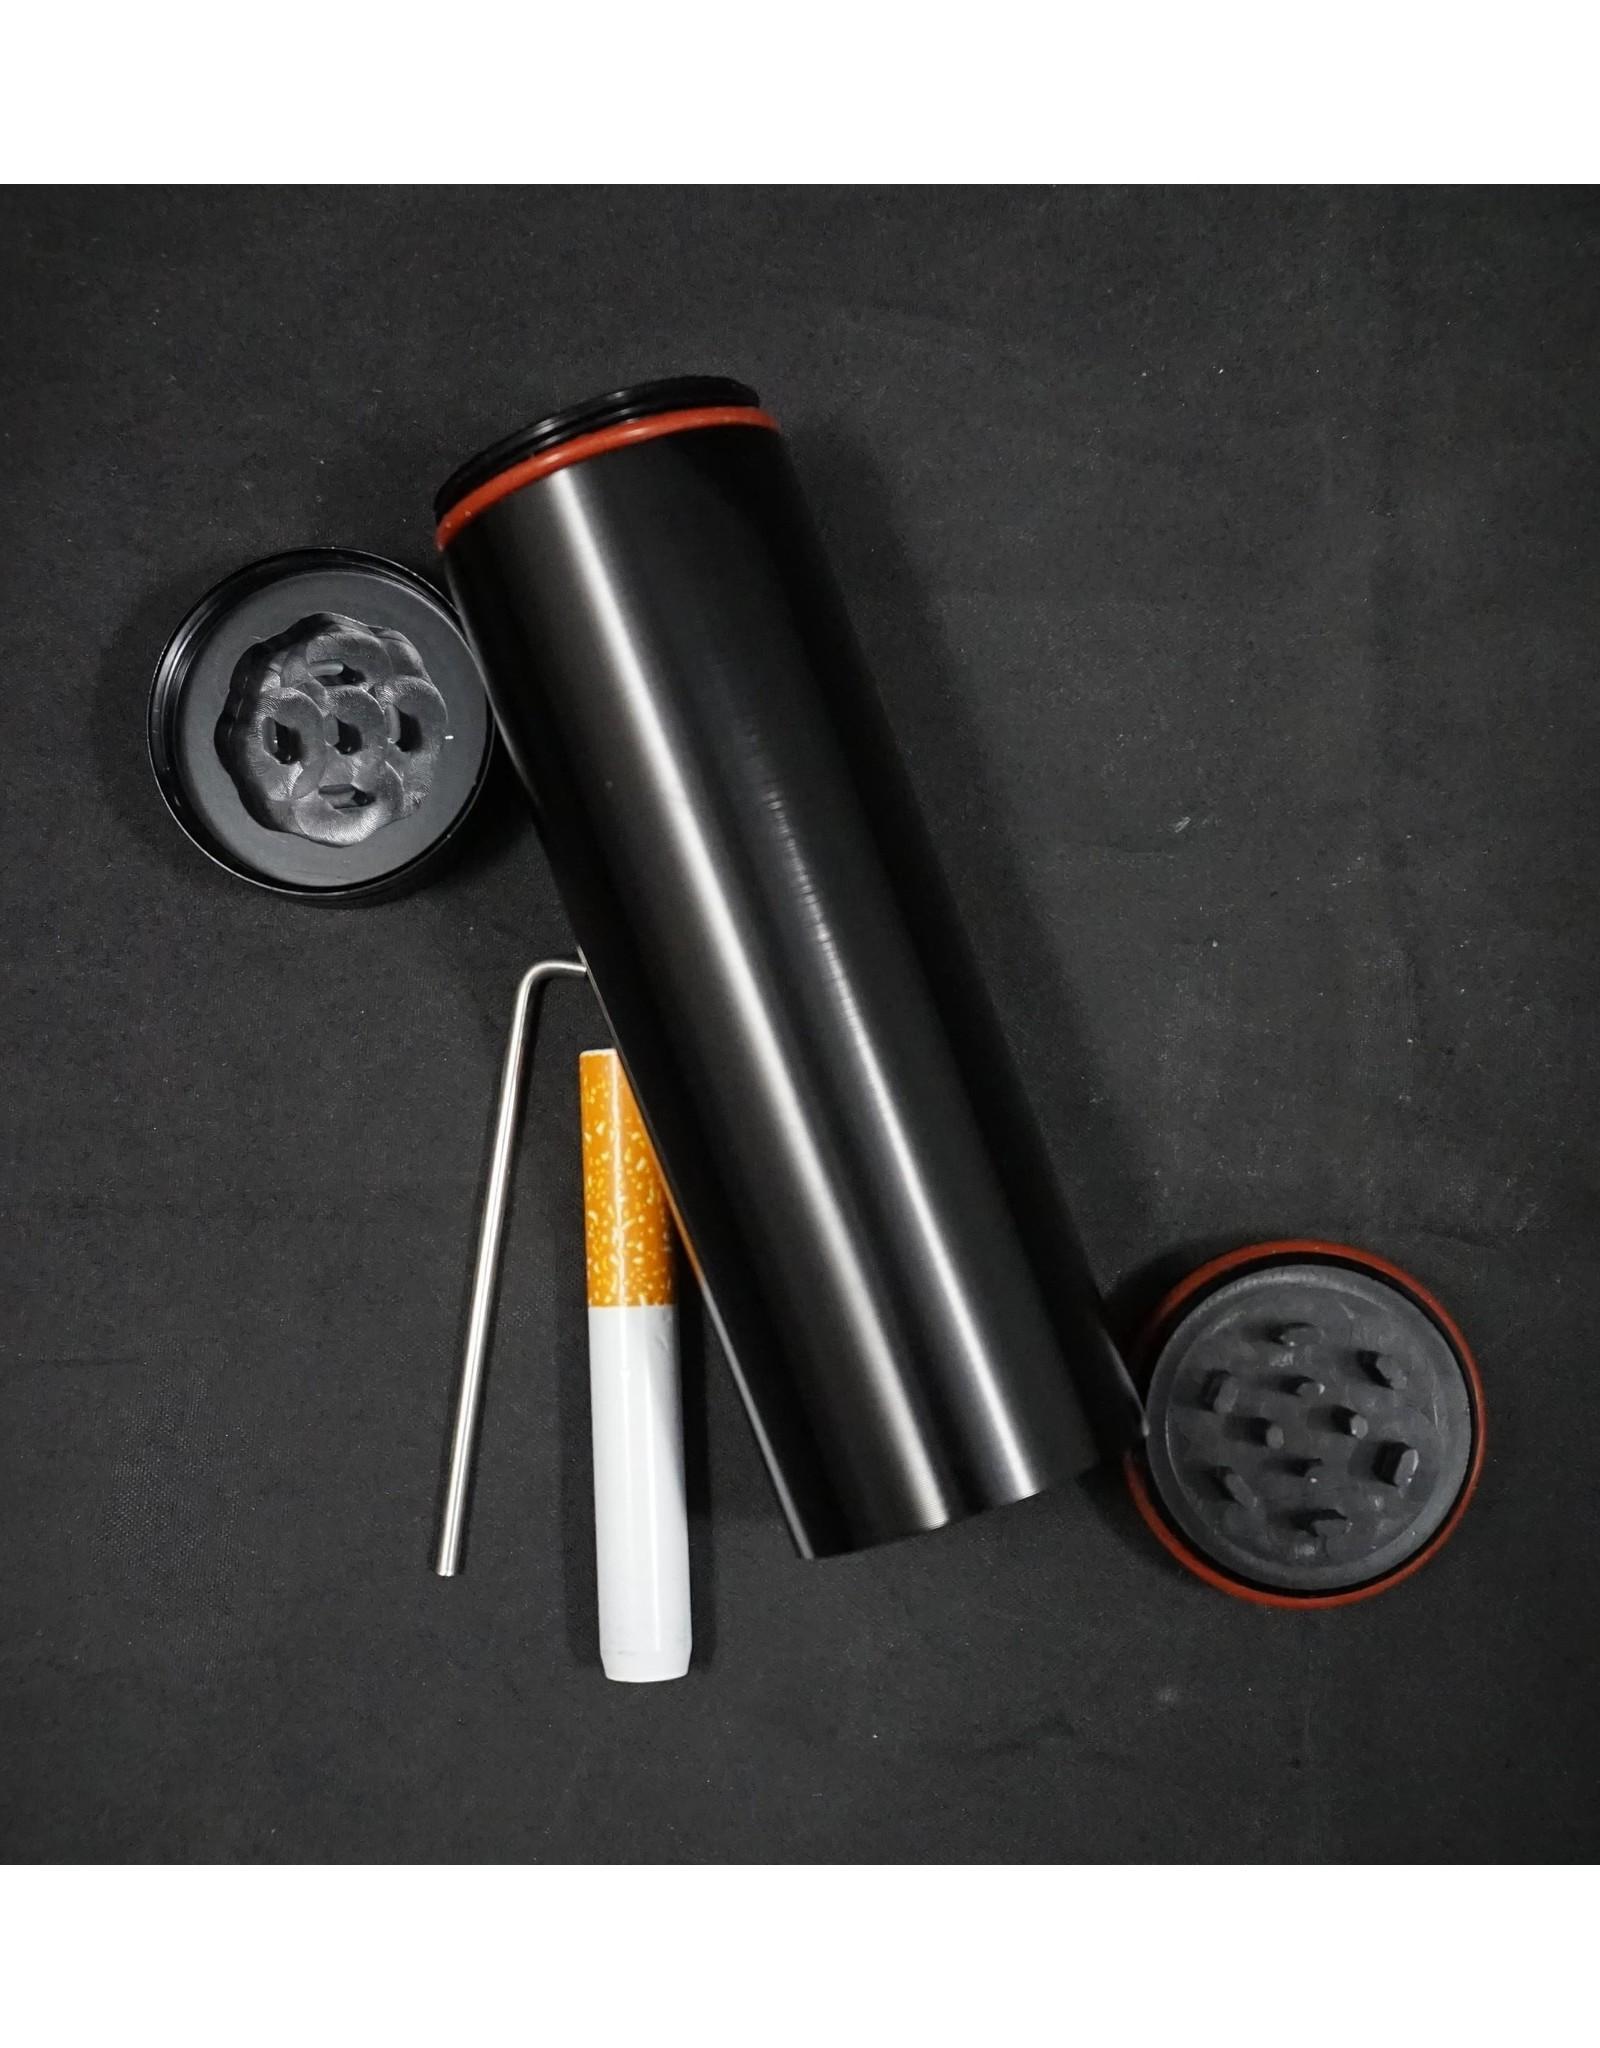 All in 1 Metal Smoke Stopper w/ Poker & Grinder - Silver